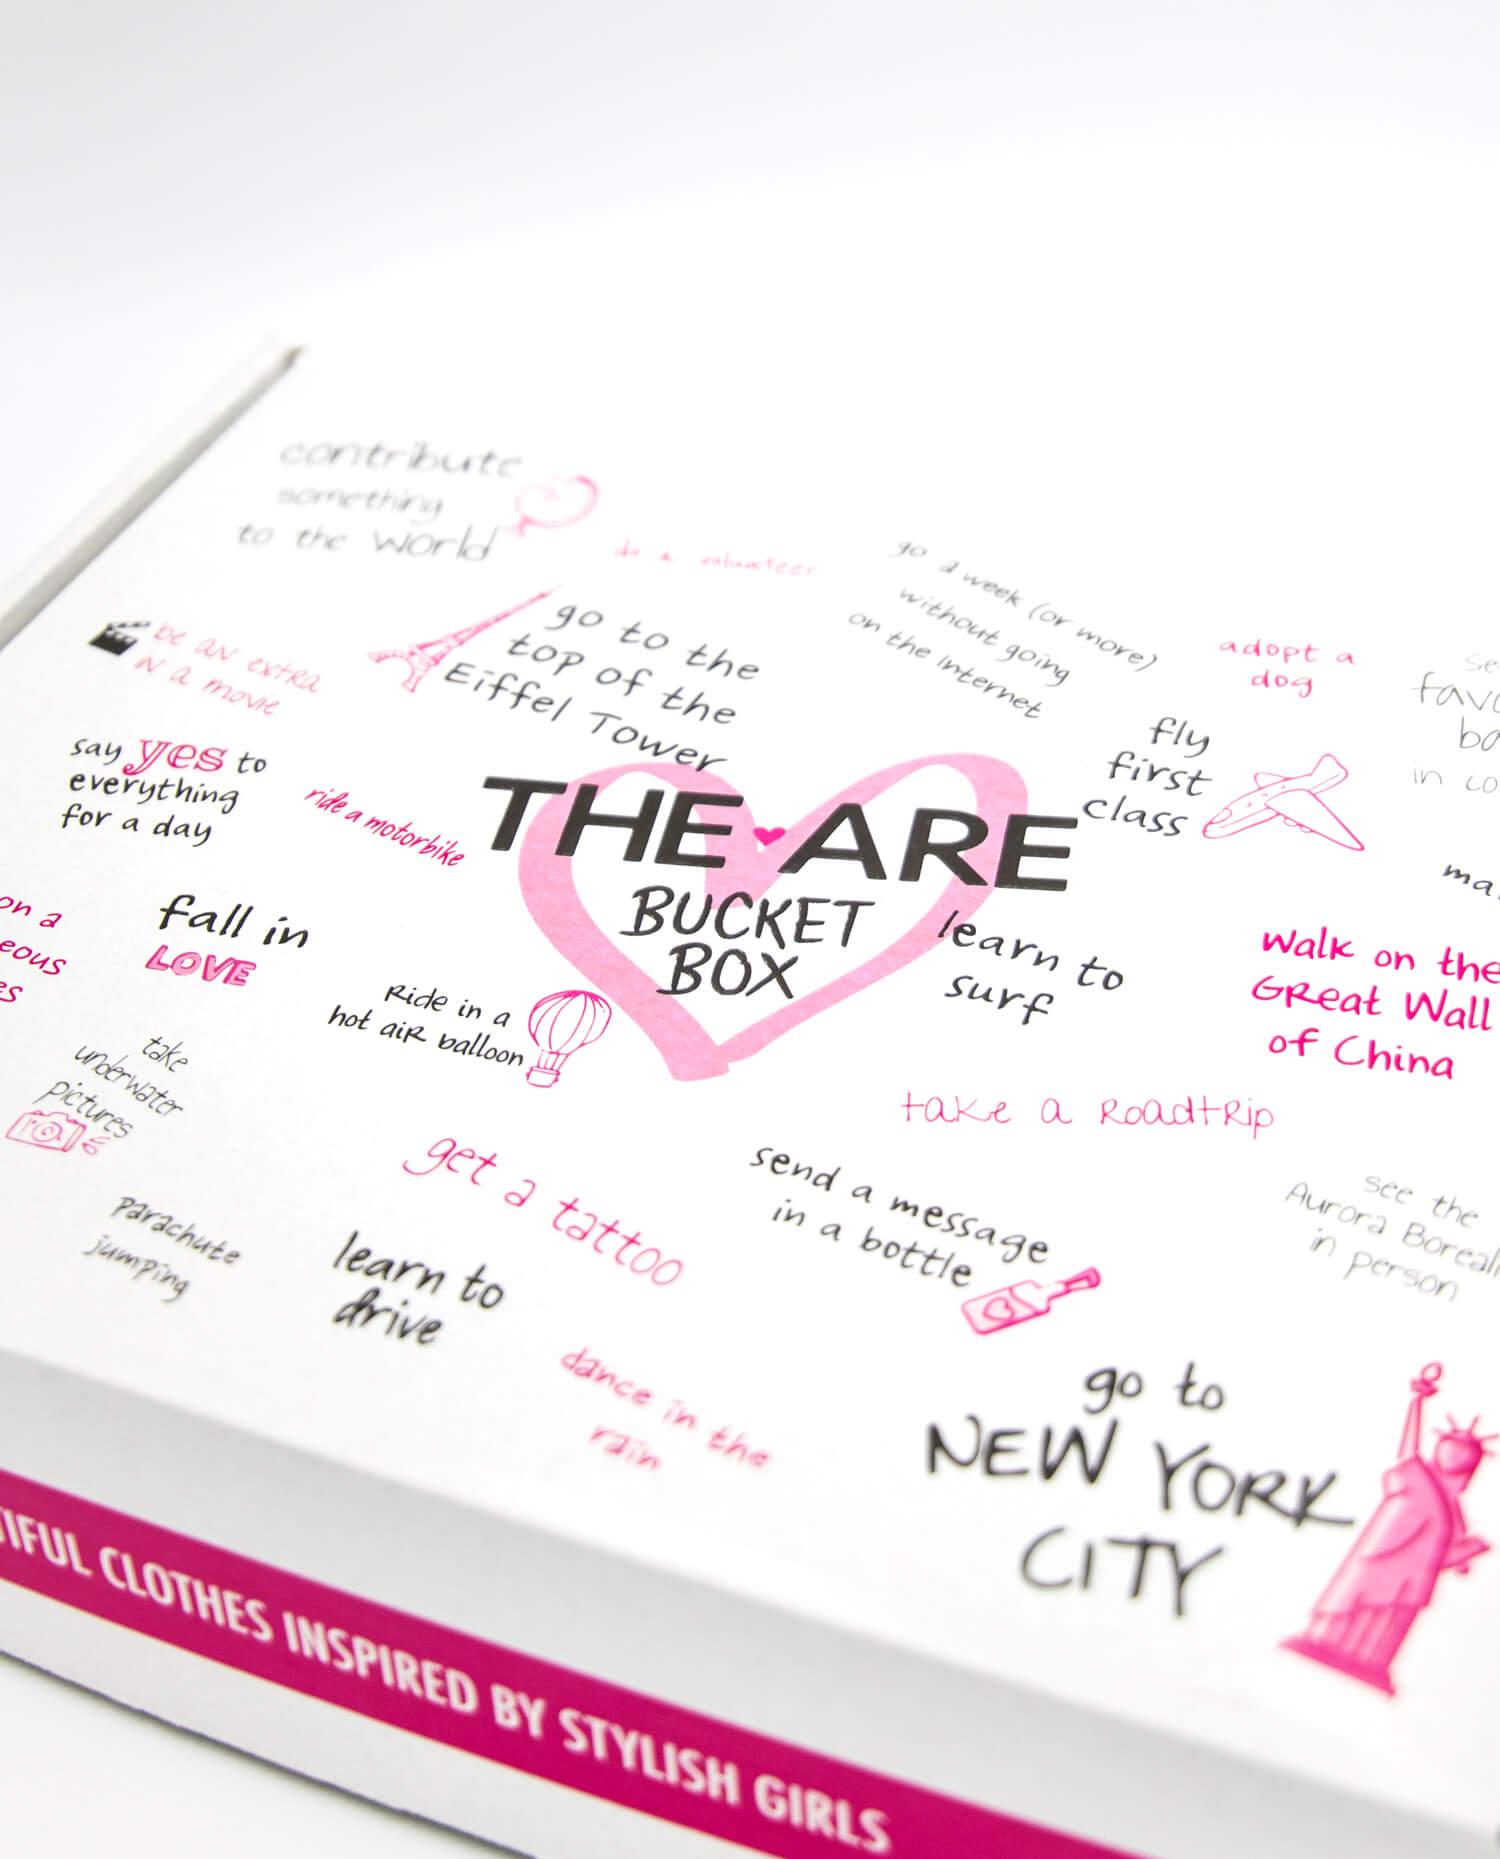 una caja blanca y rosa con varias inscripciones